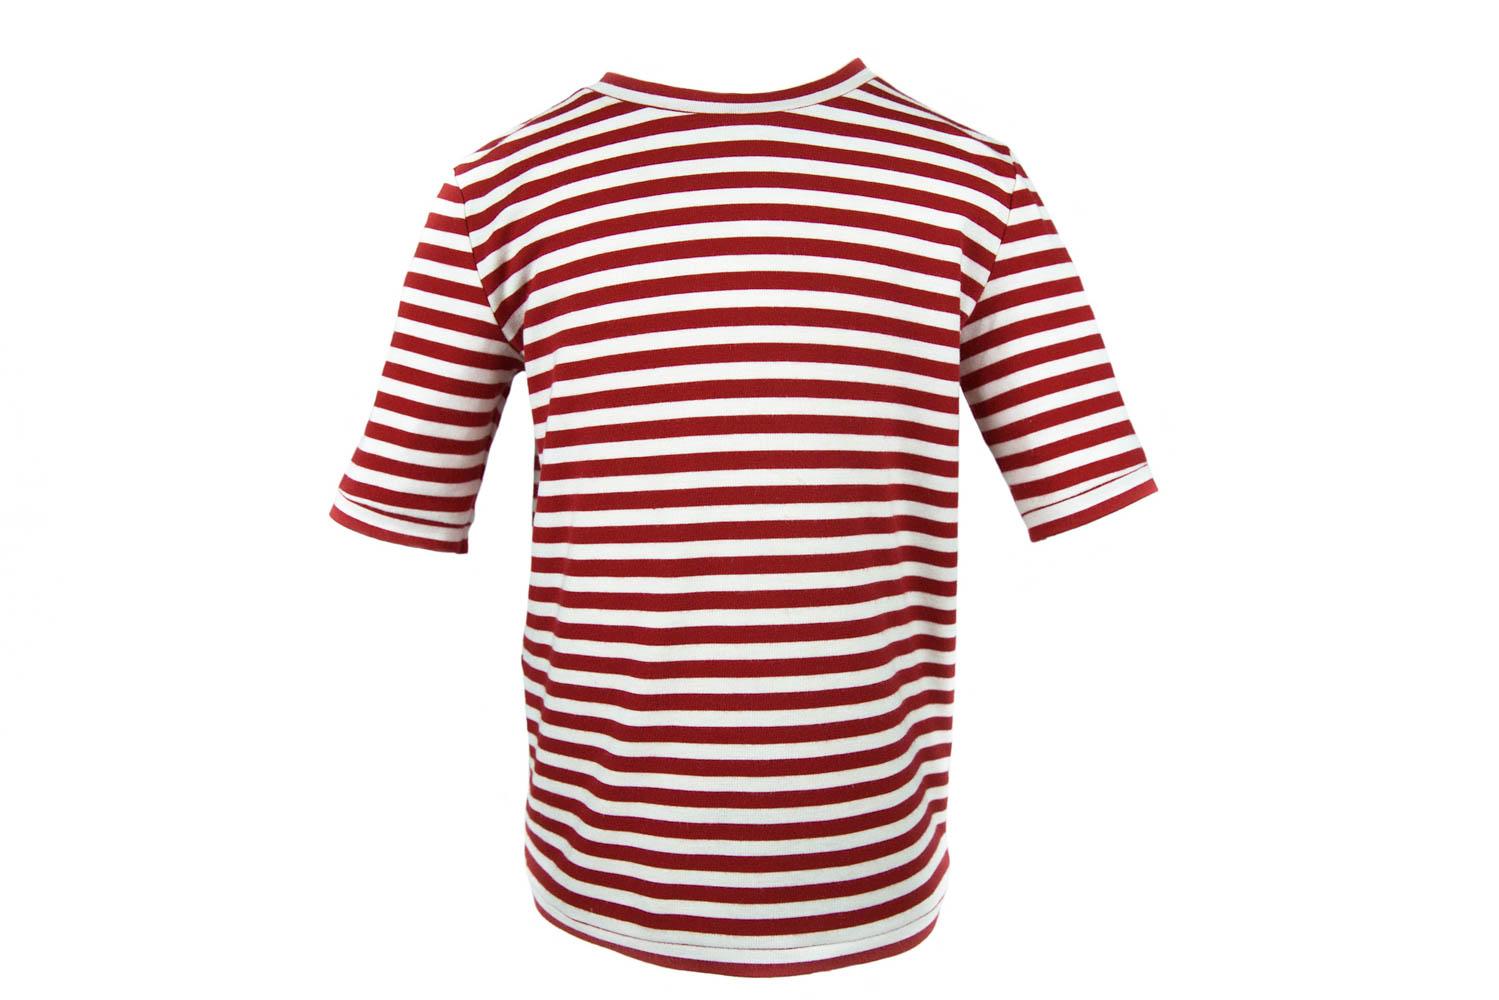 smart_alek-product-jersey_top-red_stripe-01.jpg